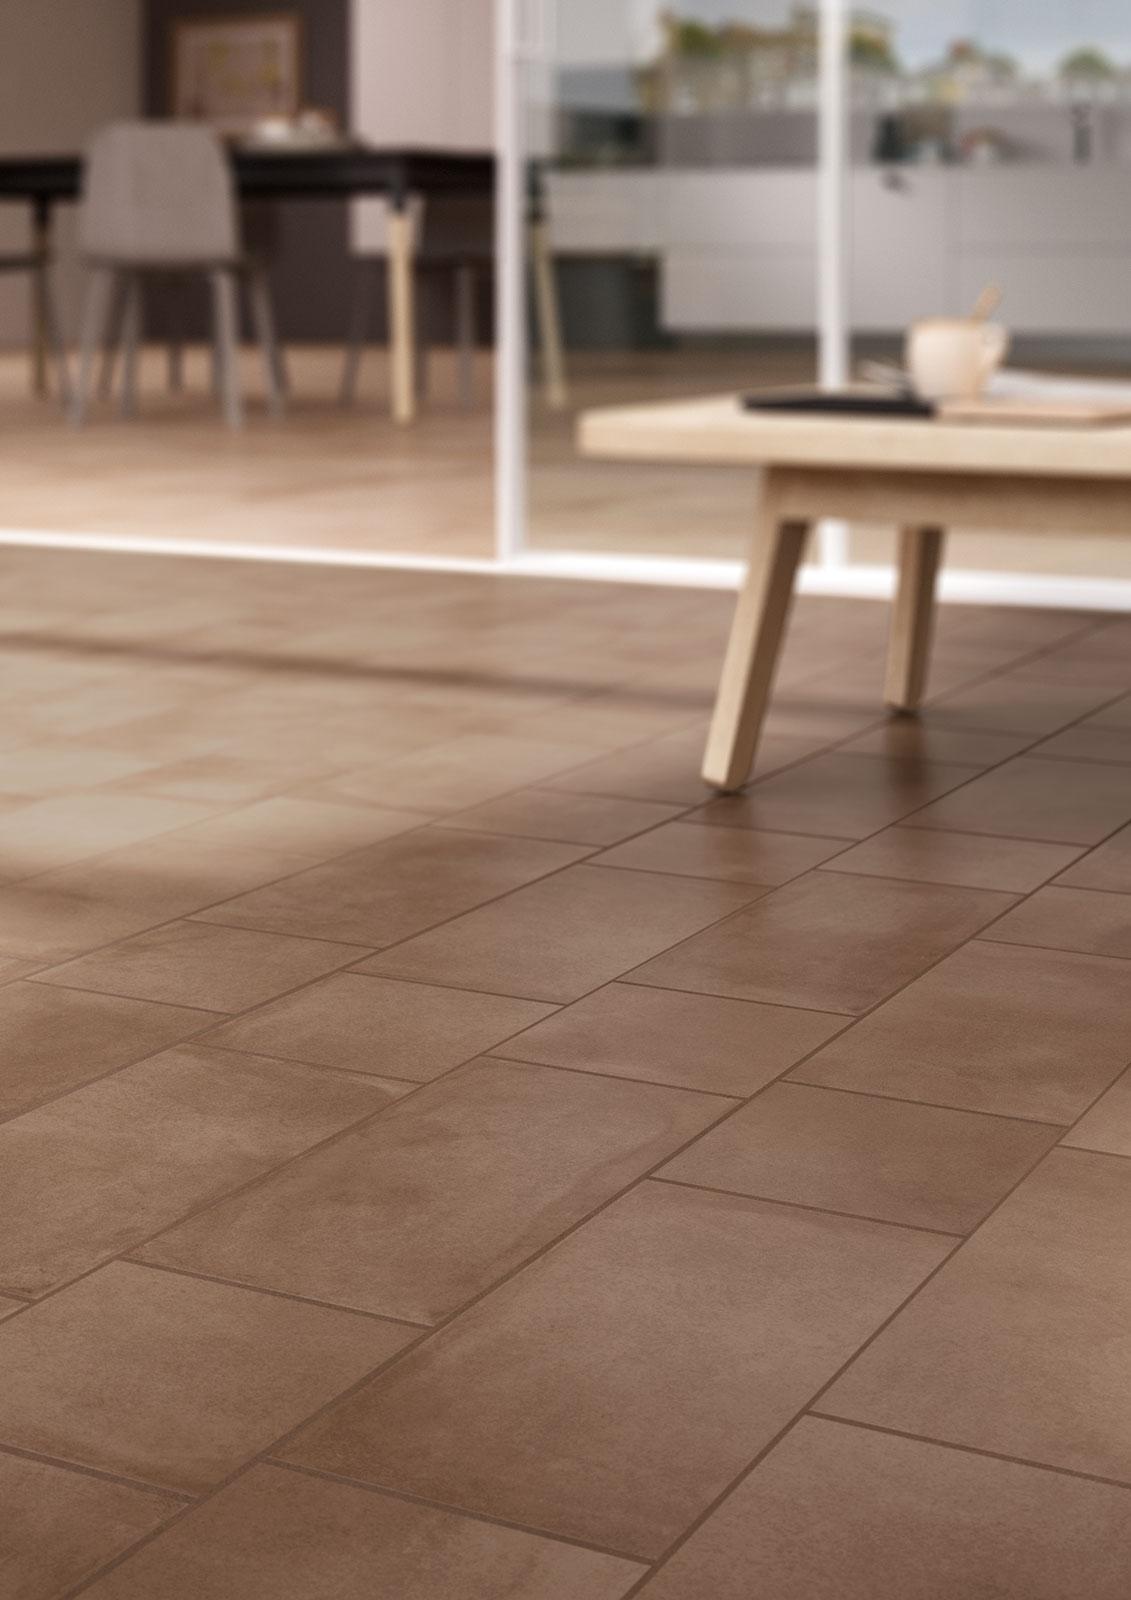 Pavimenti per esterni piastrelle gres porcellanato  Marazzi